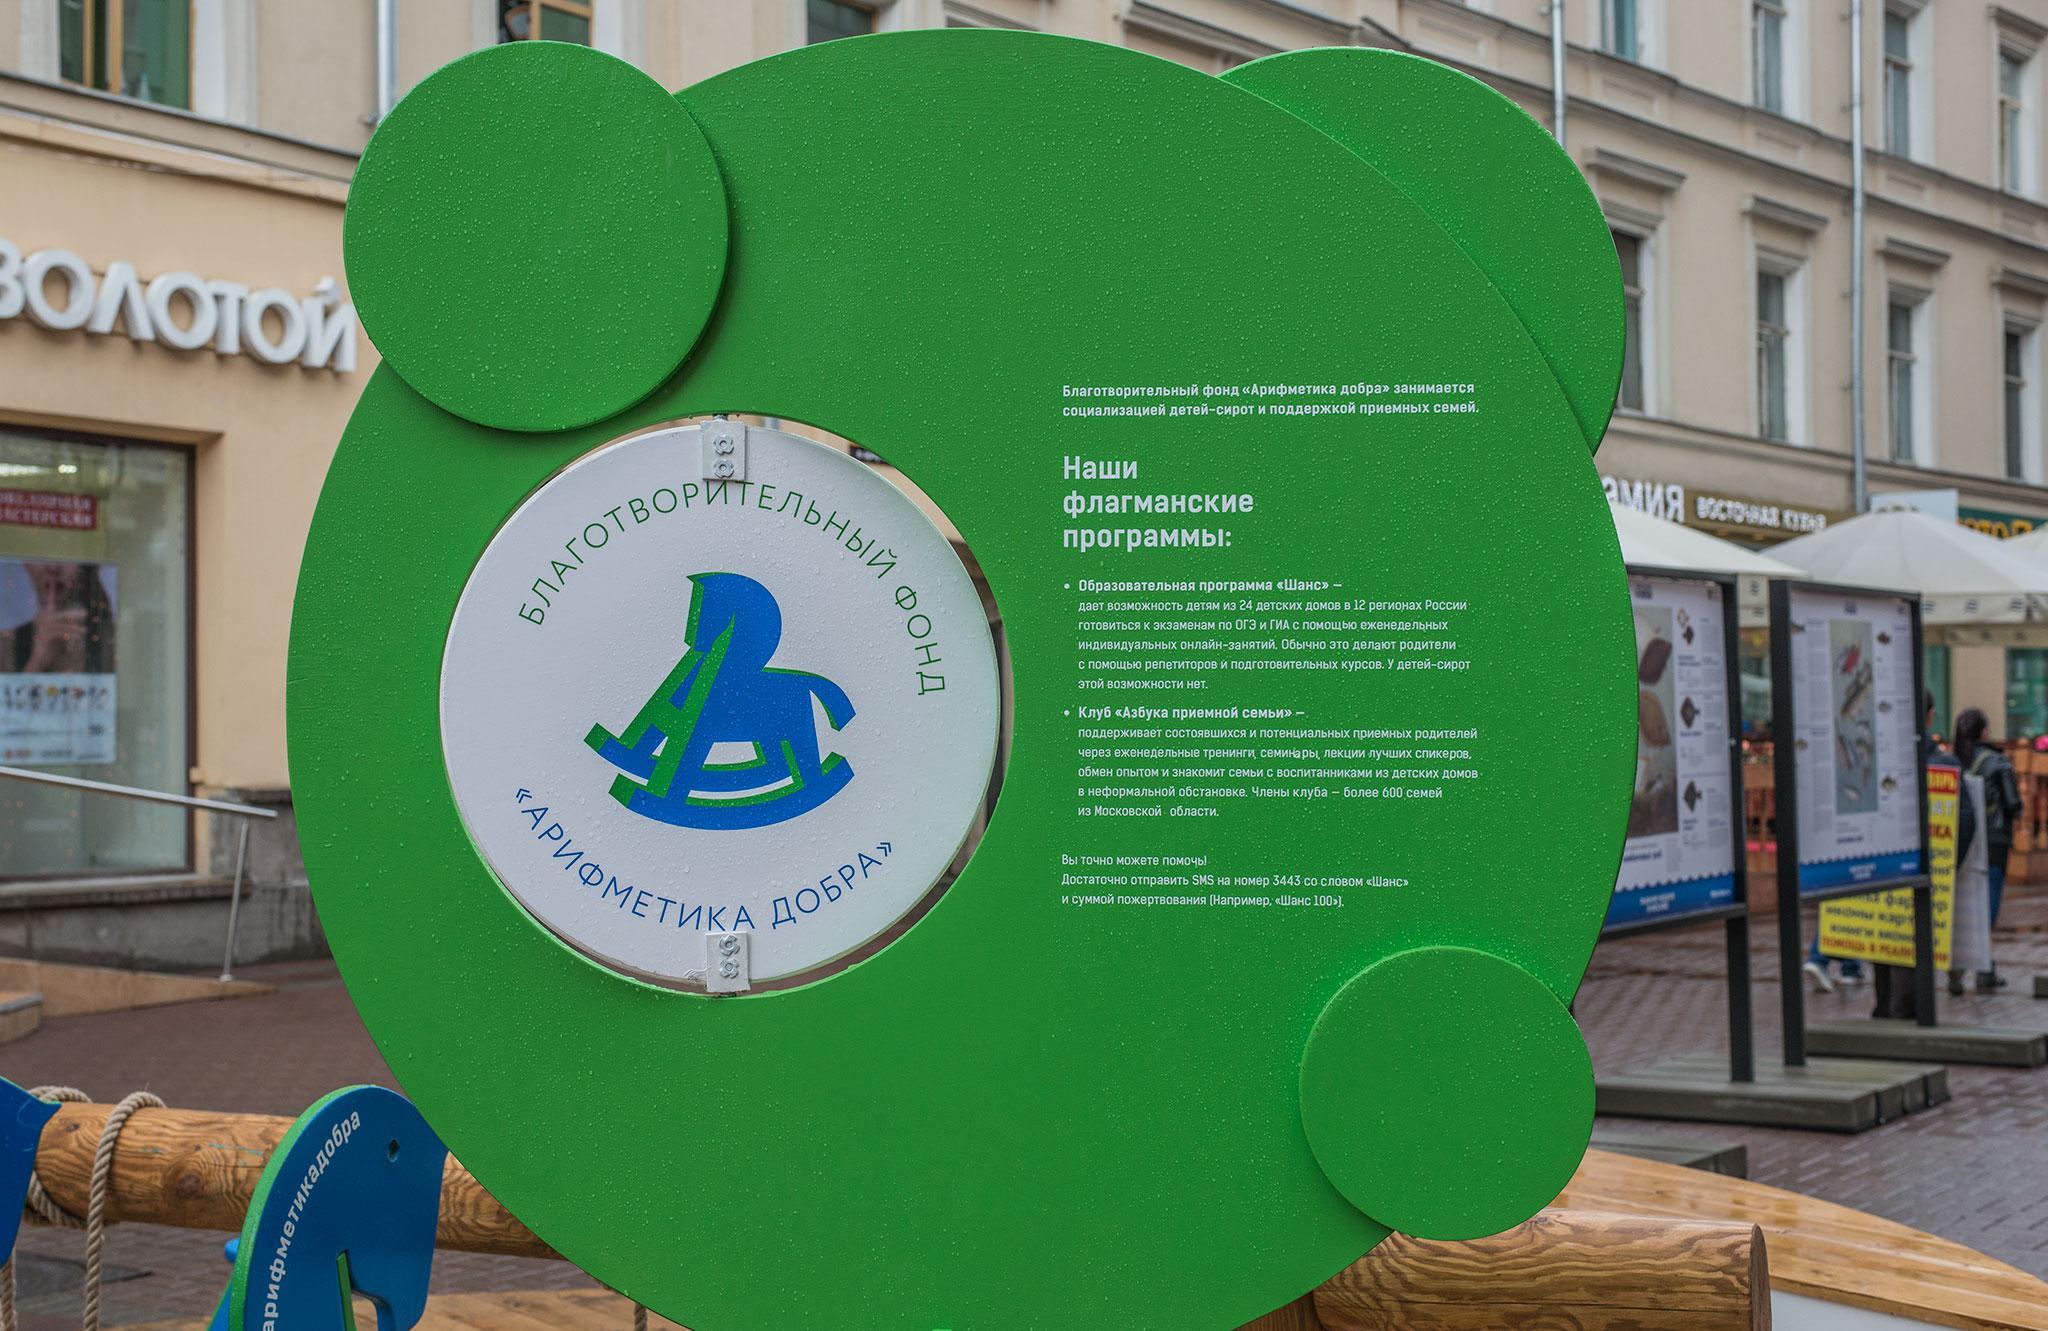 МКБ поддерживает образовательный проект «Шанс» для детей-сирот фонда «Арифметика добра» - новости Афанасий